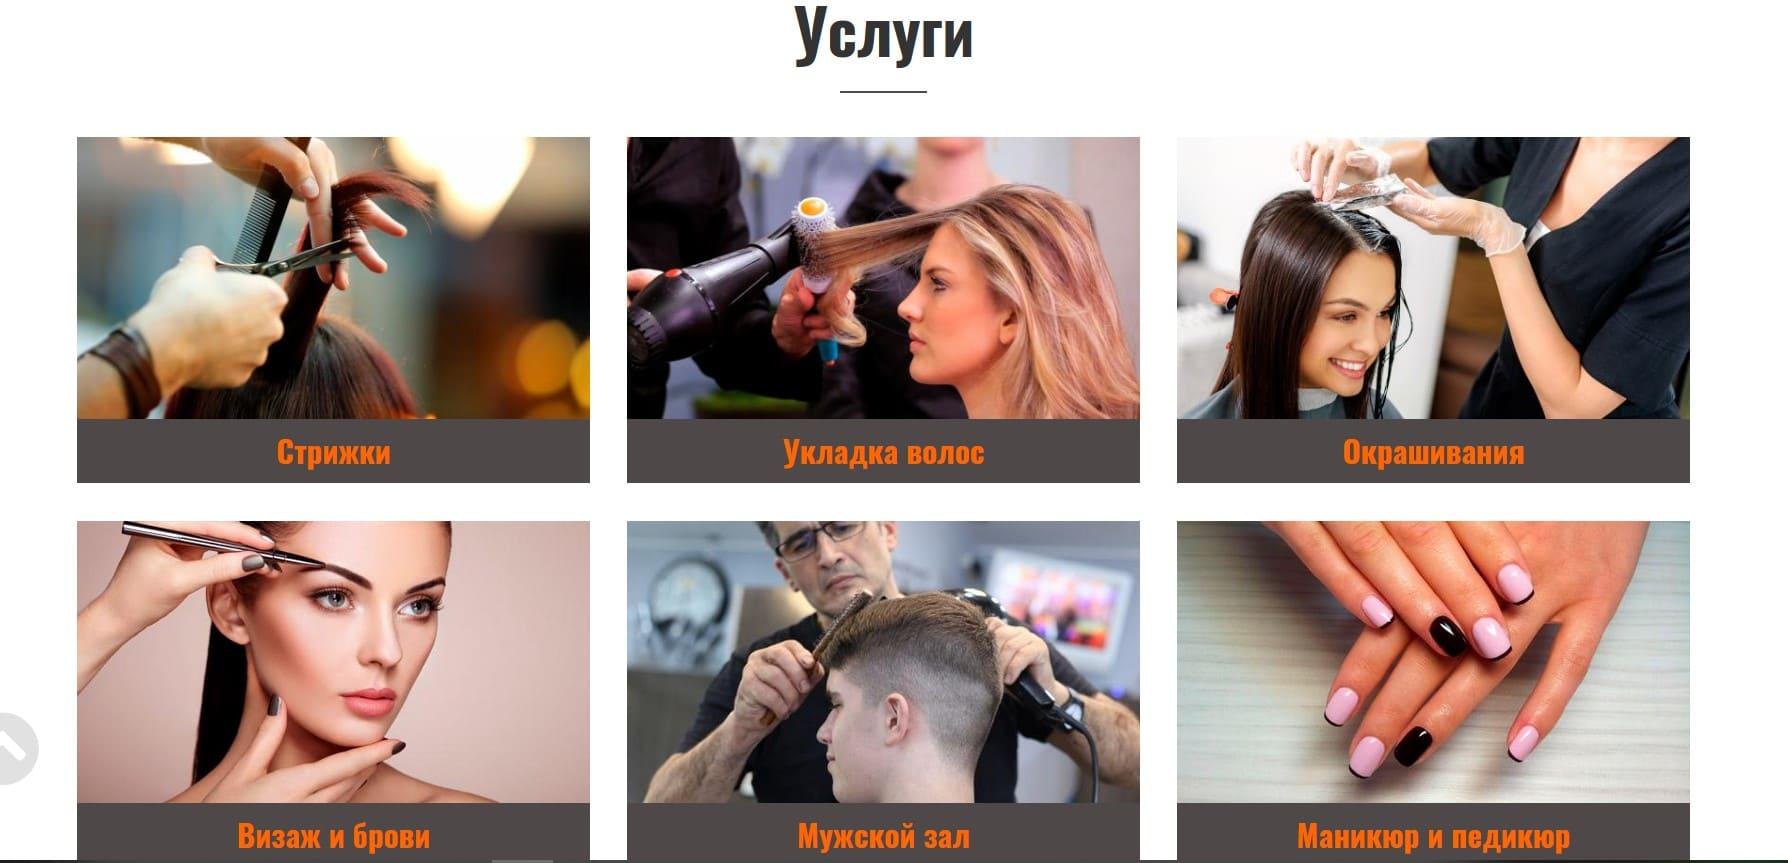 Реклама и продвижение парикмахерских салонов и услуг